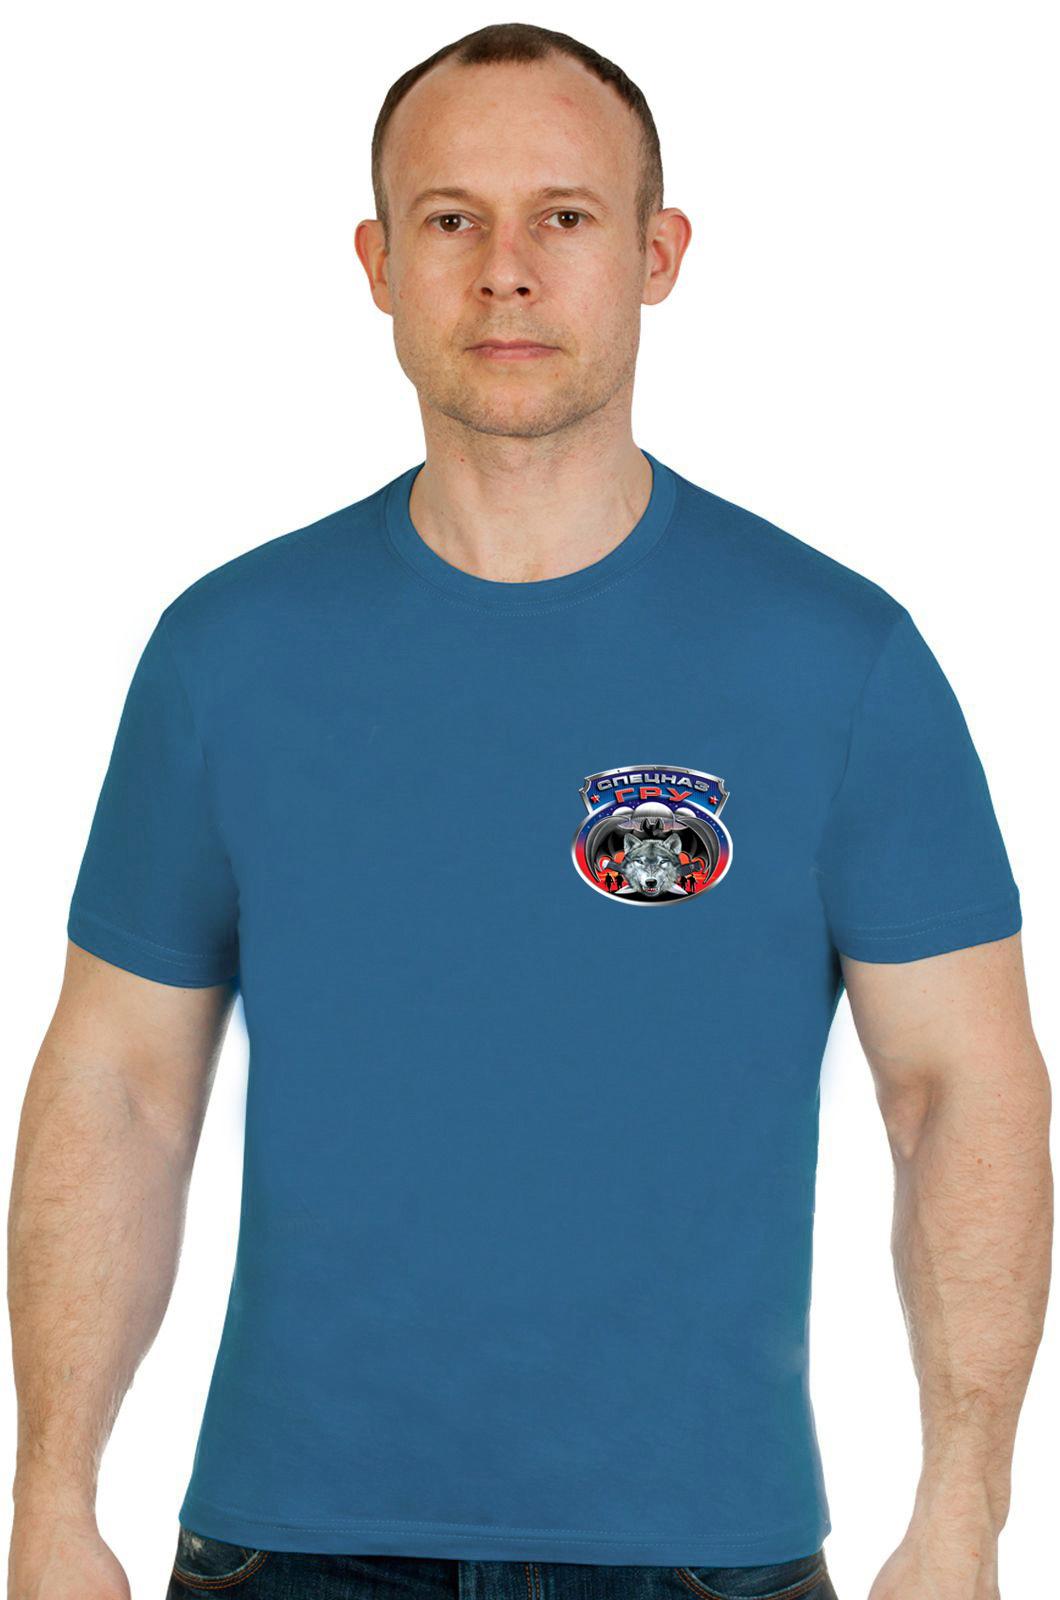 Заказать трендовую спецназовскую футболку по низкой цене